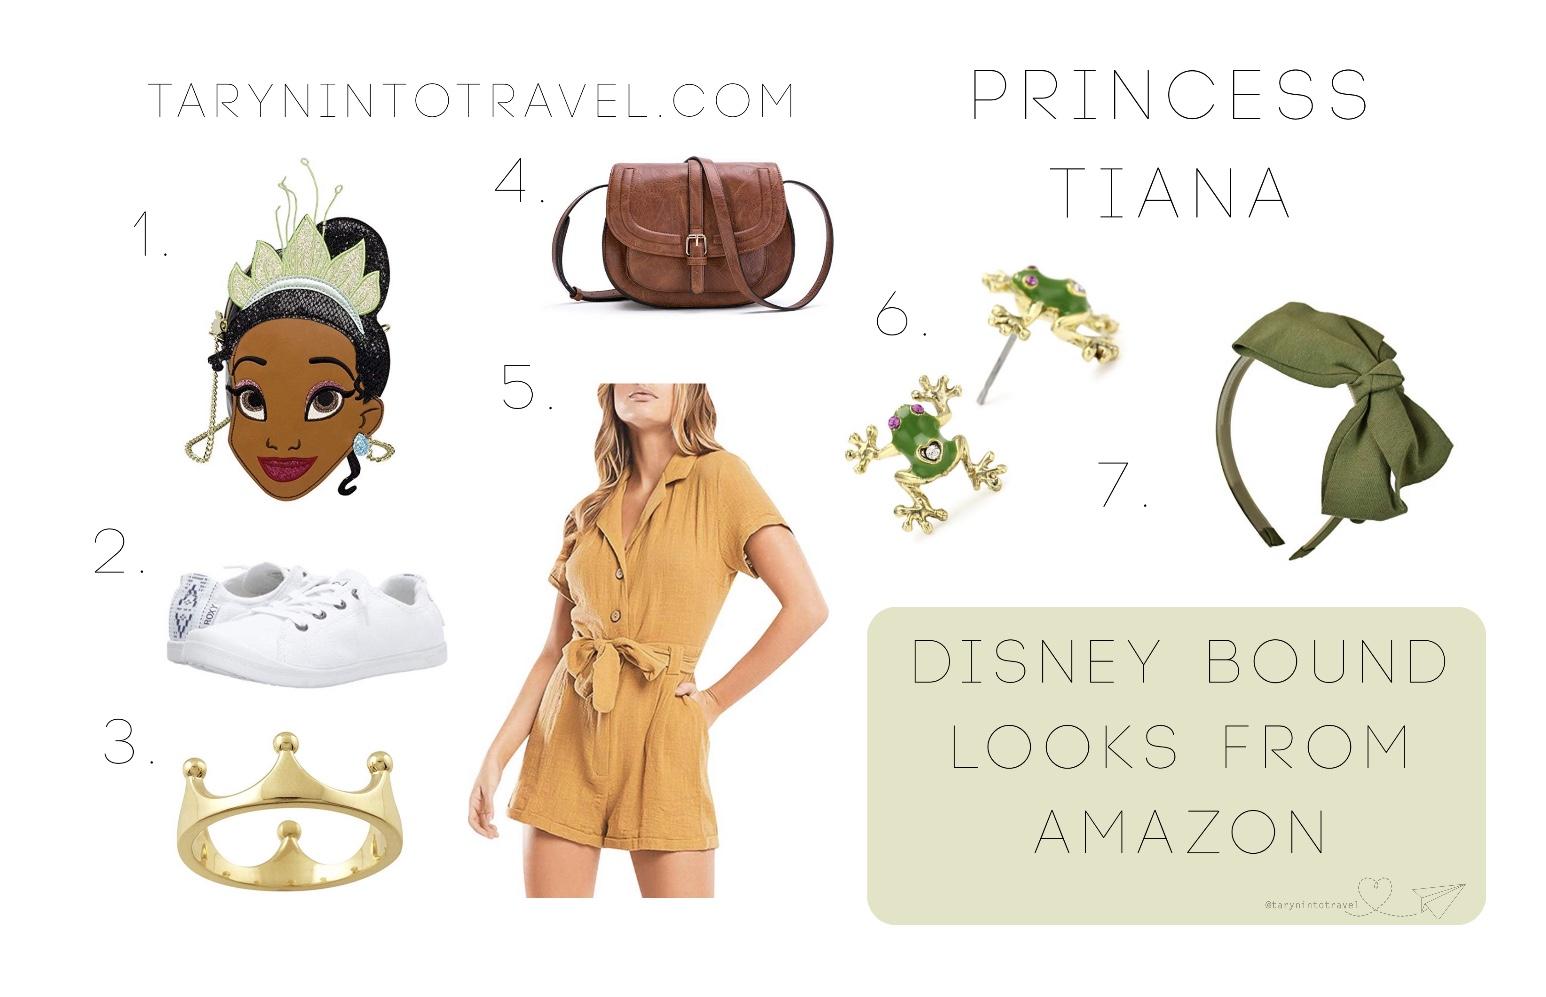 Disney-bounding-princess-tiana